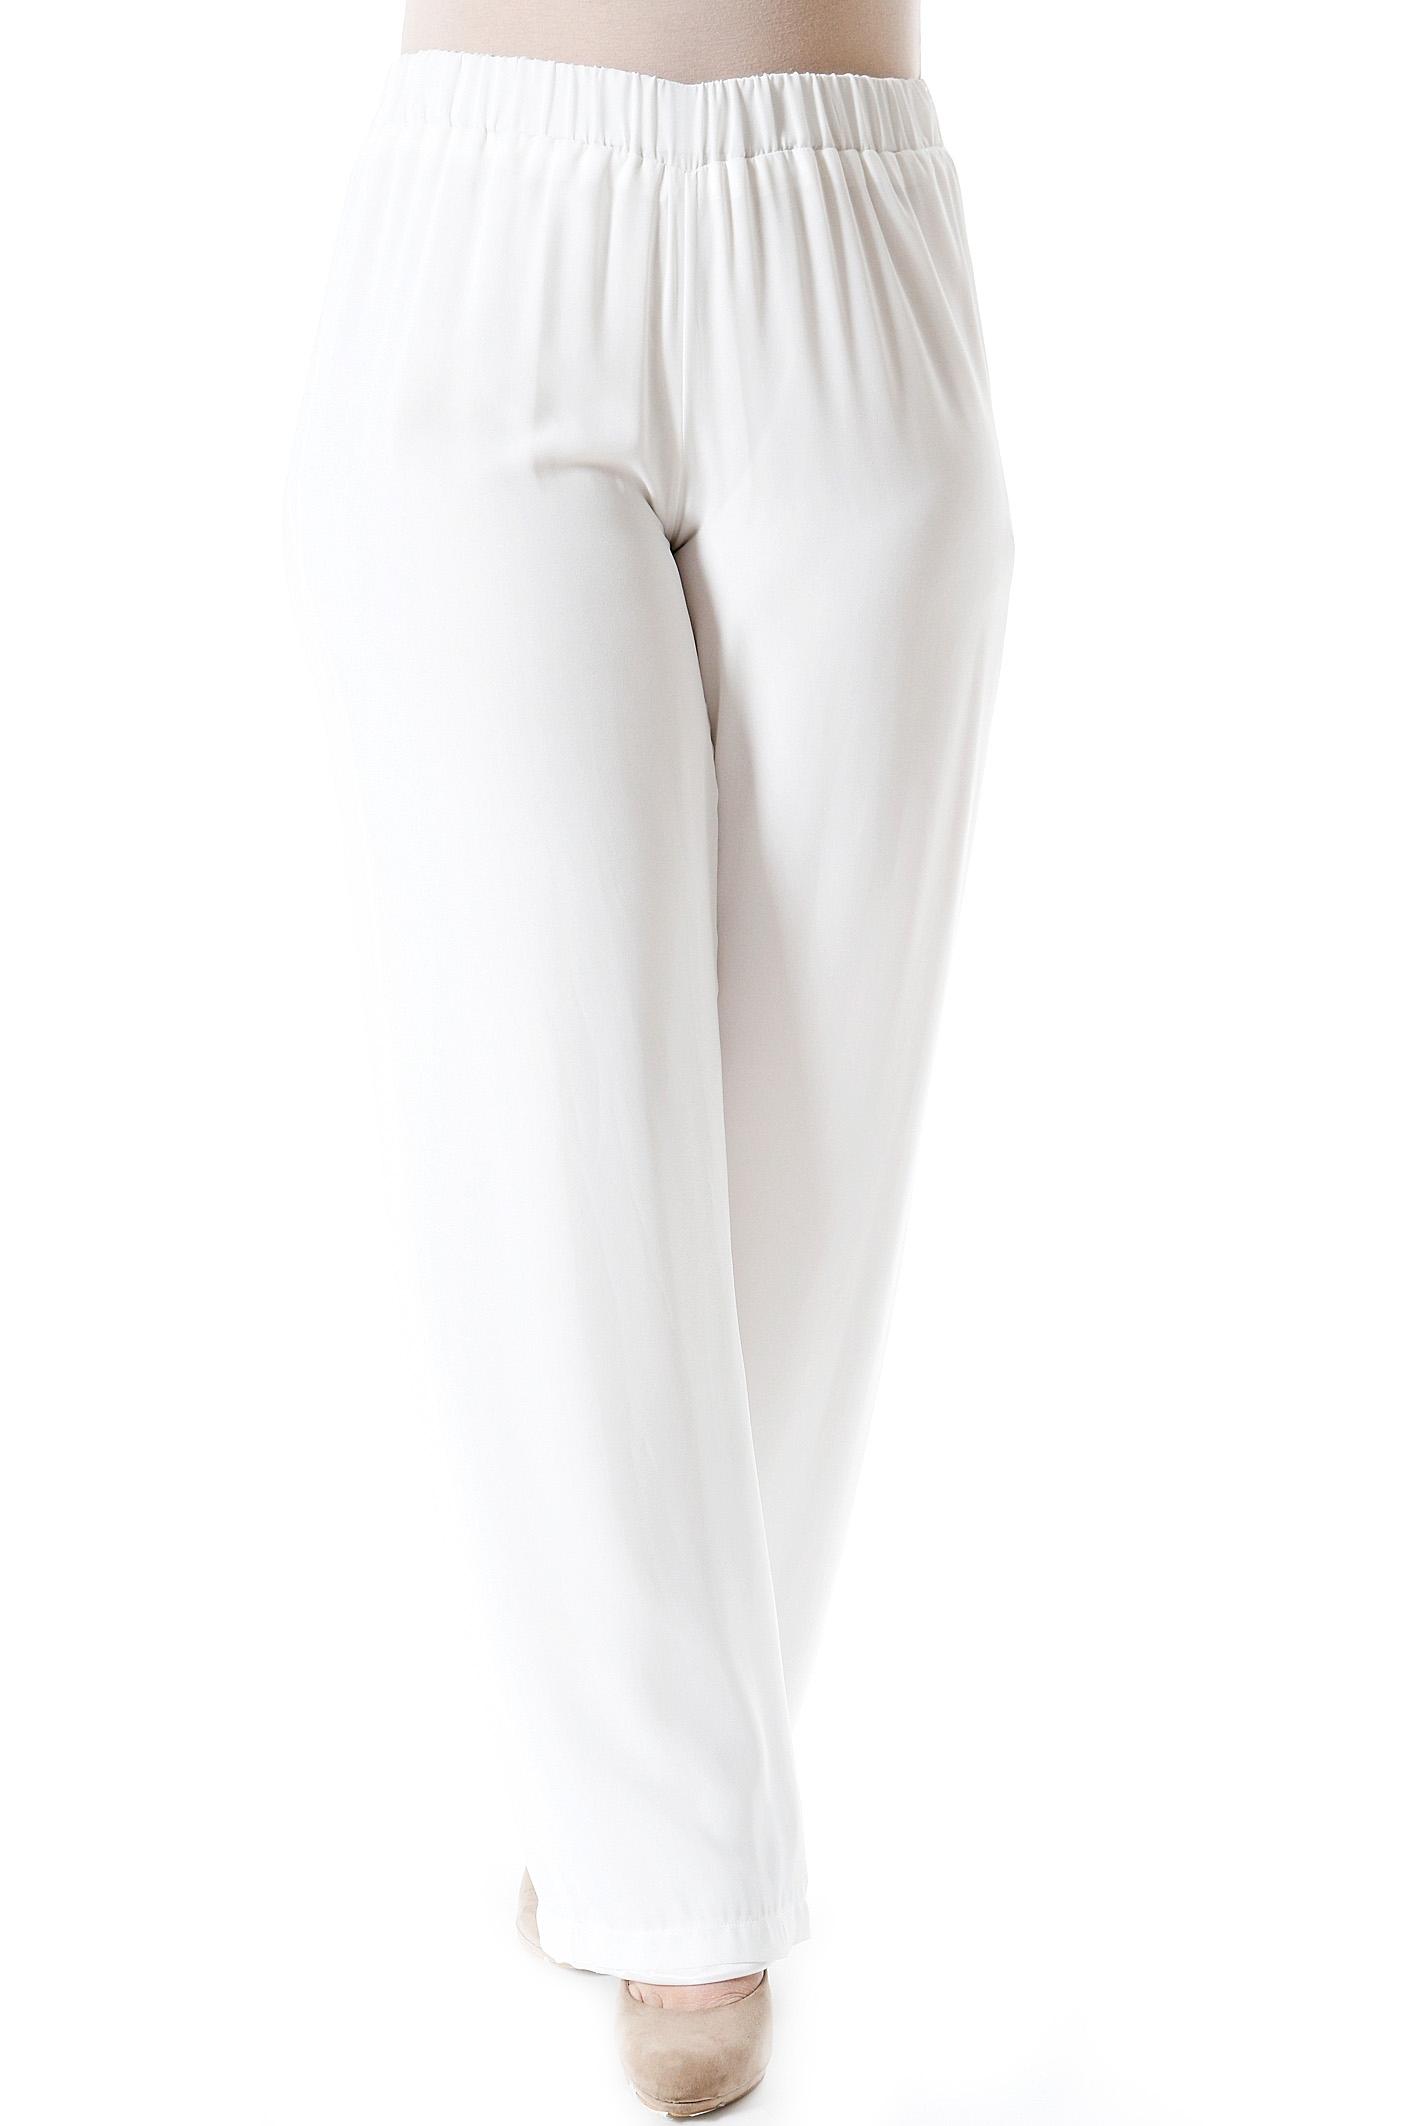 Παντελόνα διπλή ζορζέτα εκρού νέες αφίξεις   ενδύματα   παντελόνια   κολάν   siderati   brands